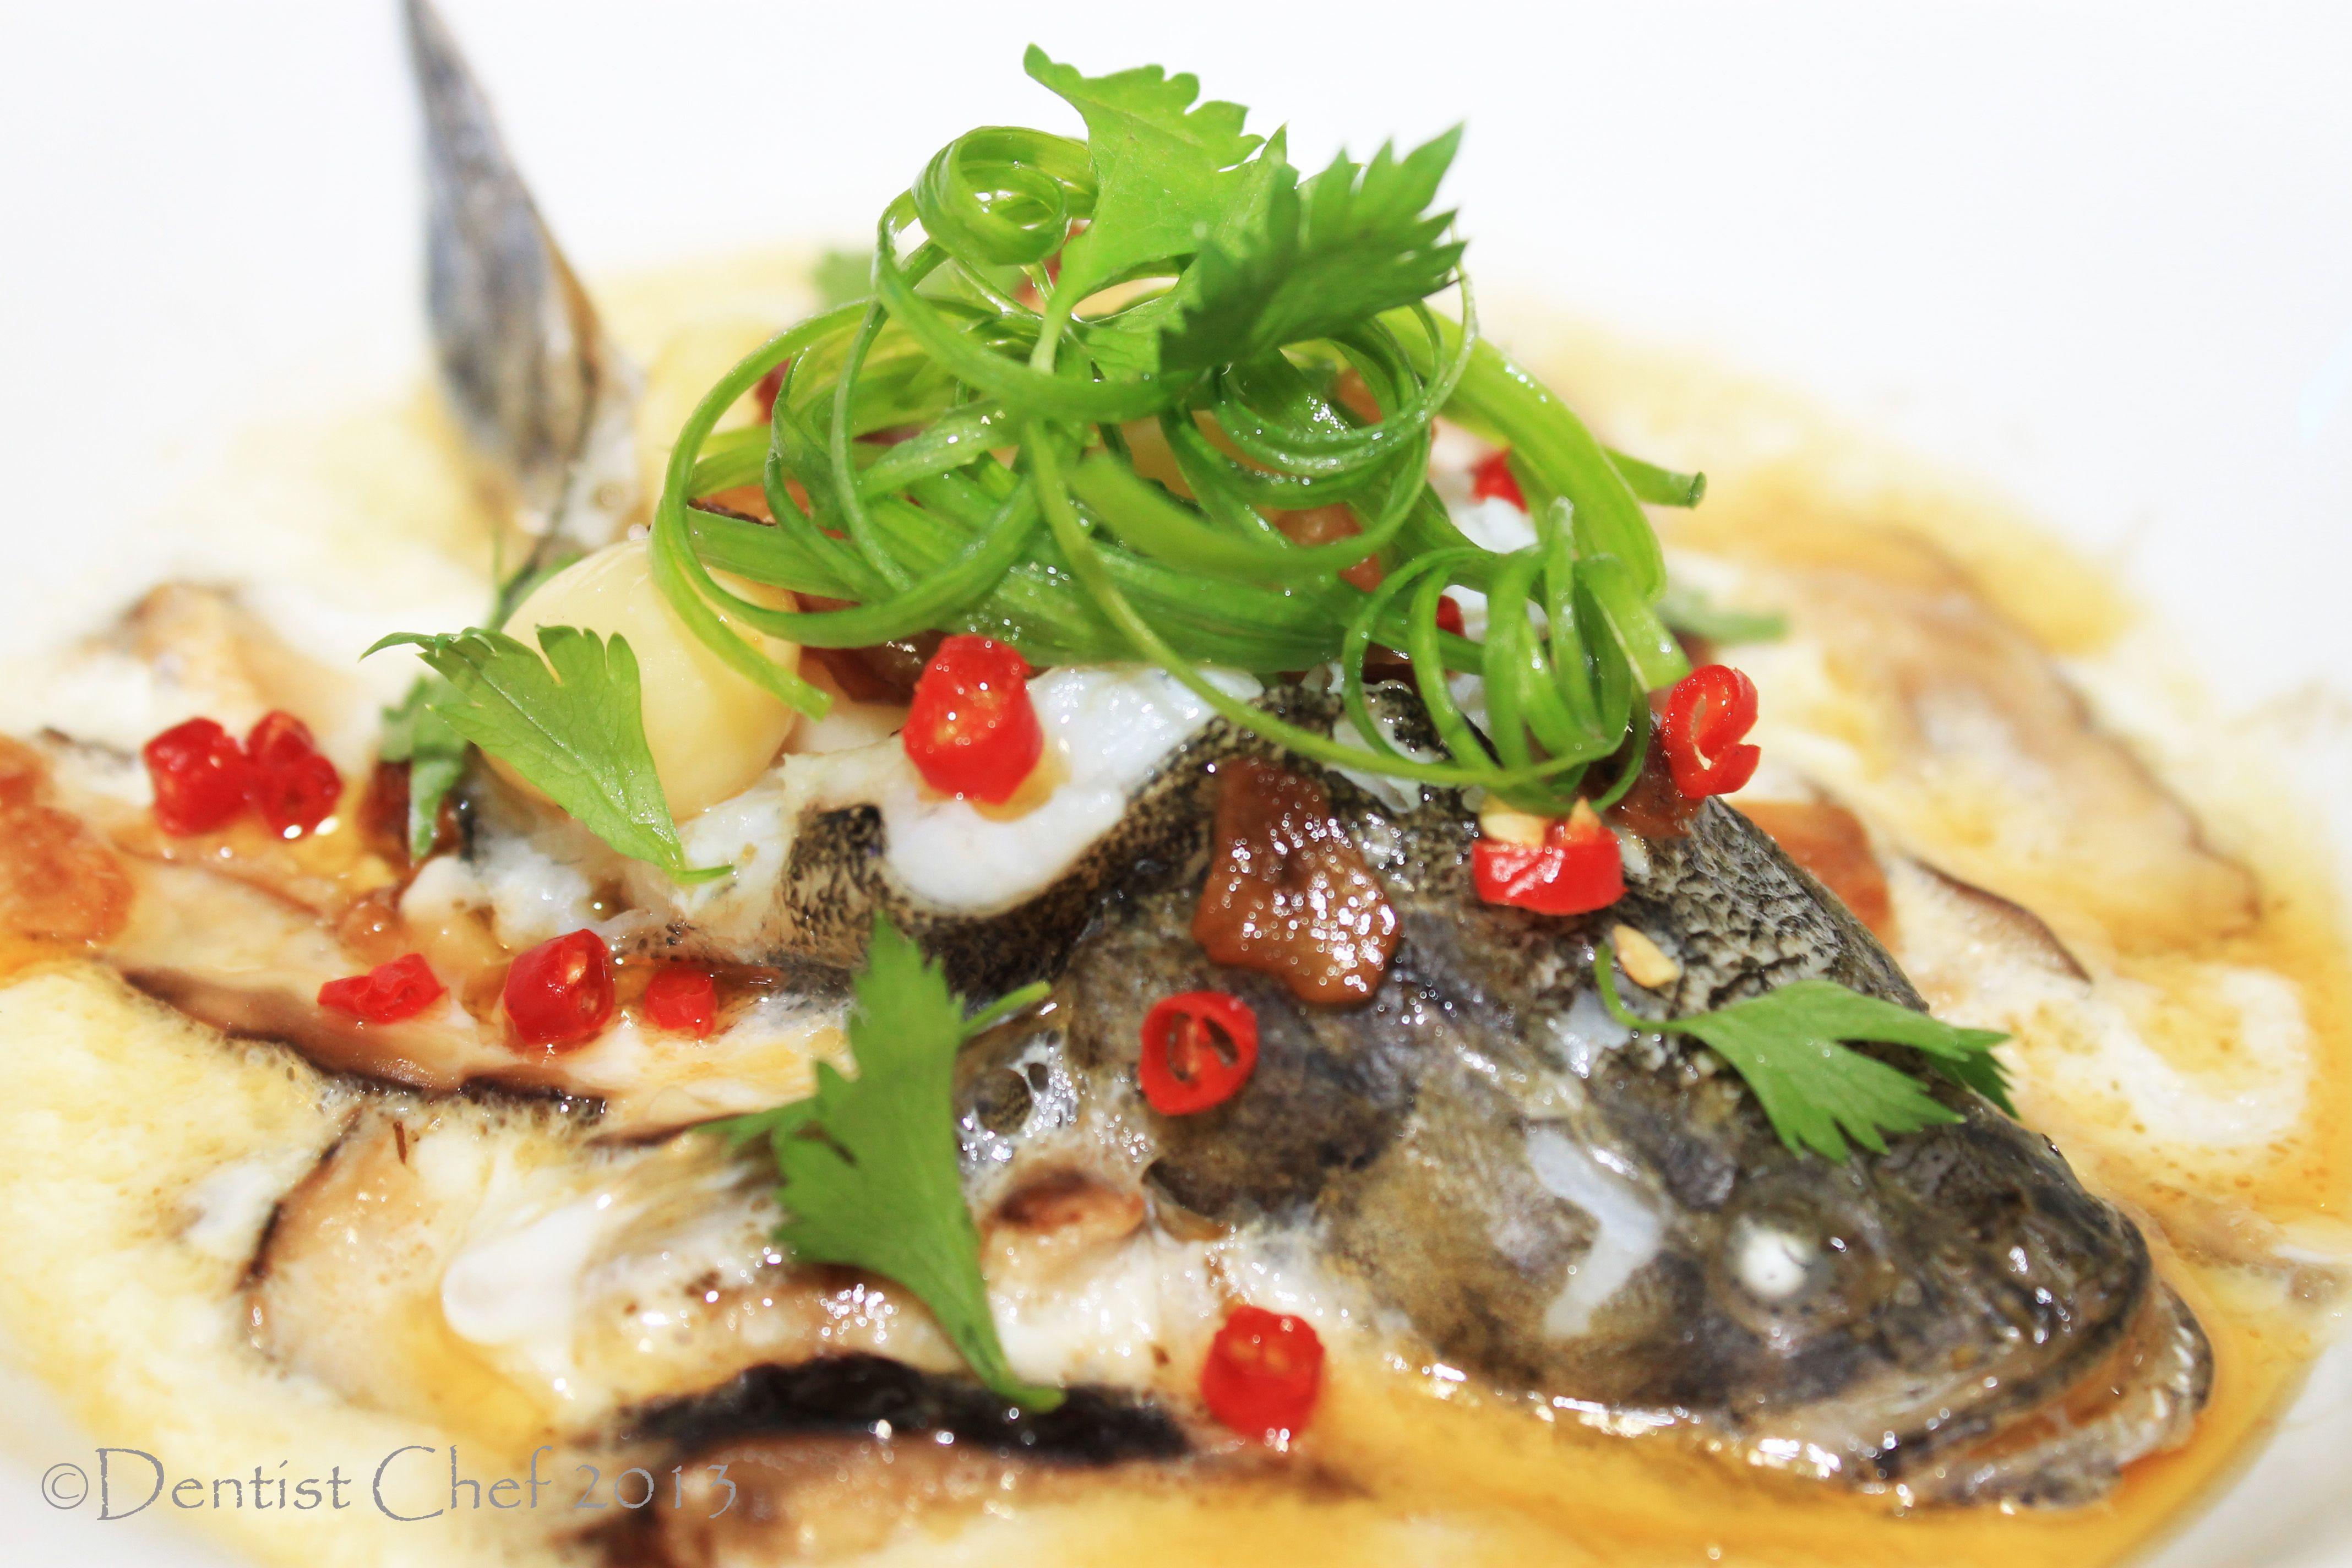 Hongkong Style Steamed Fish With Egg White And Ginkgo Biloba Nuts Kacang Ayu 1kg By Bali Recipe Mushroom Ikan Steam Kukus Malas